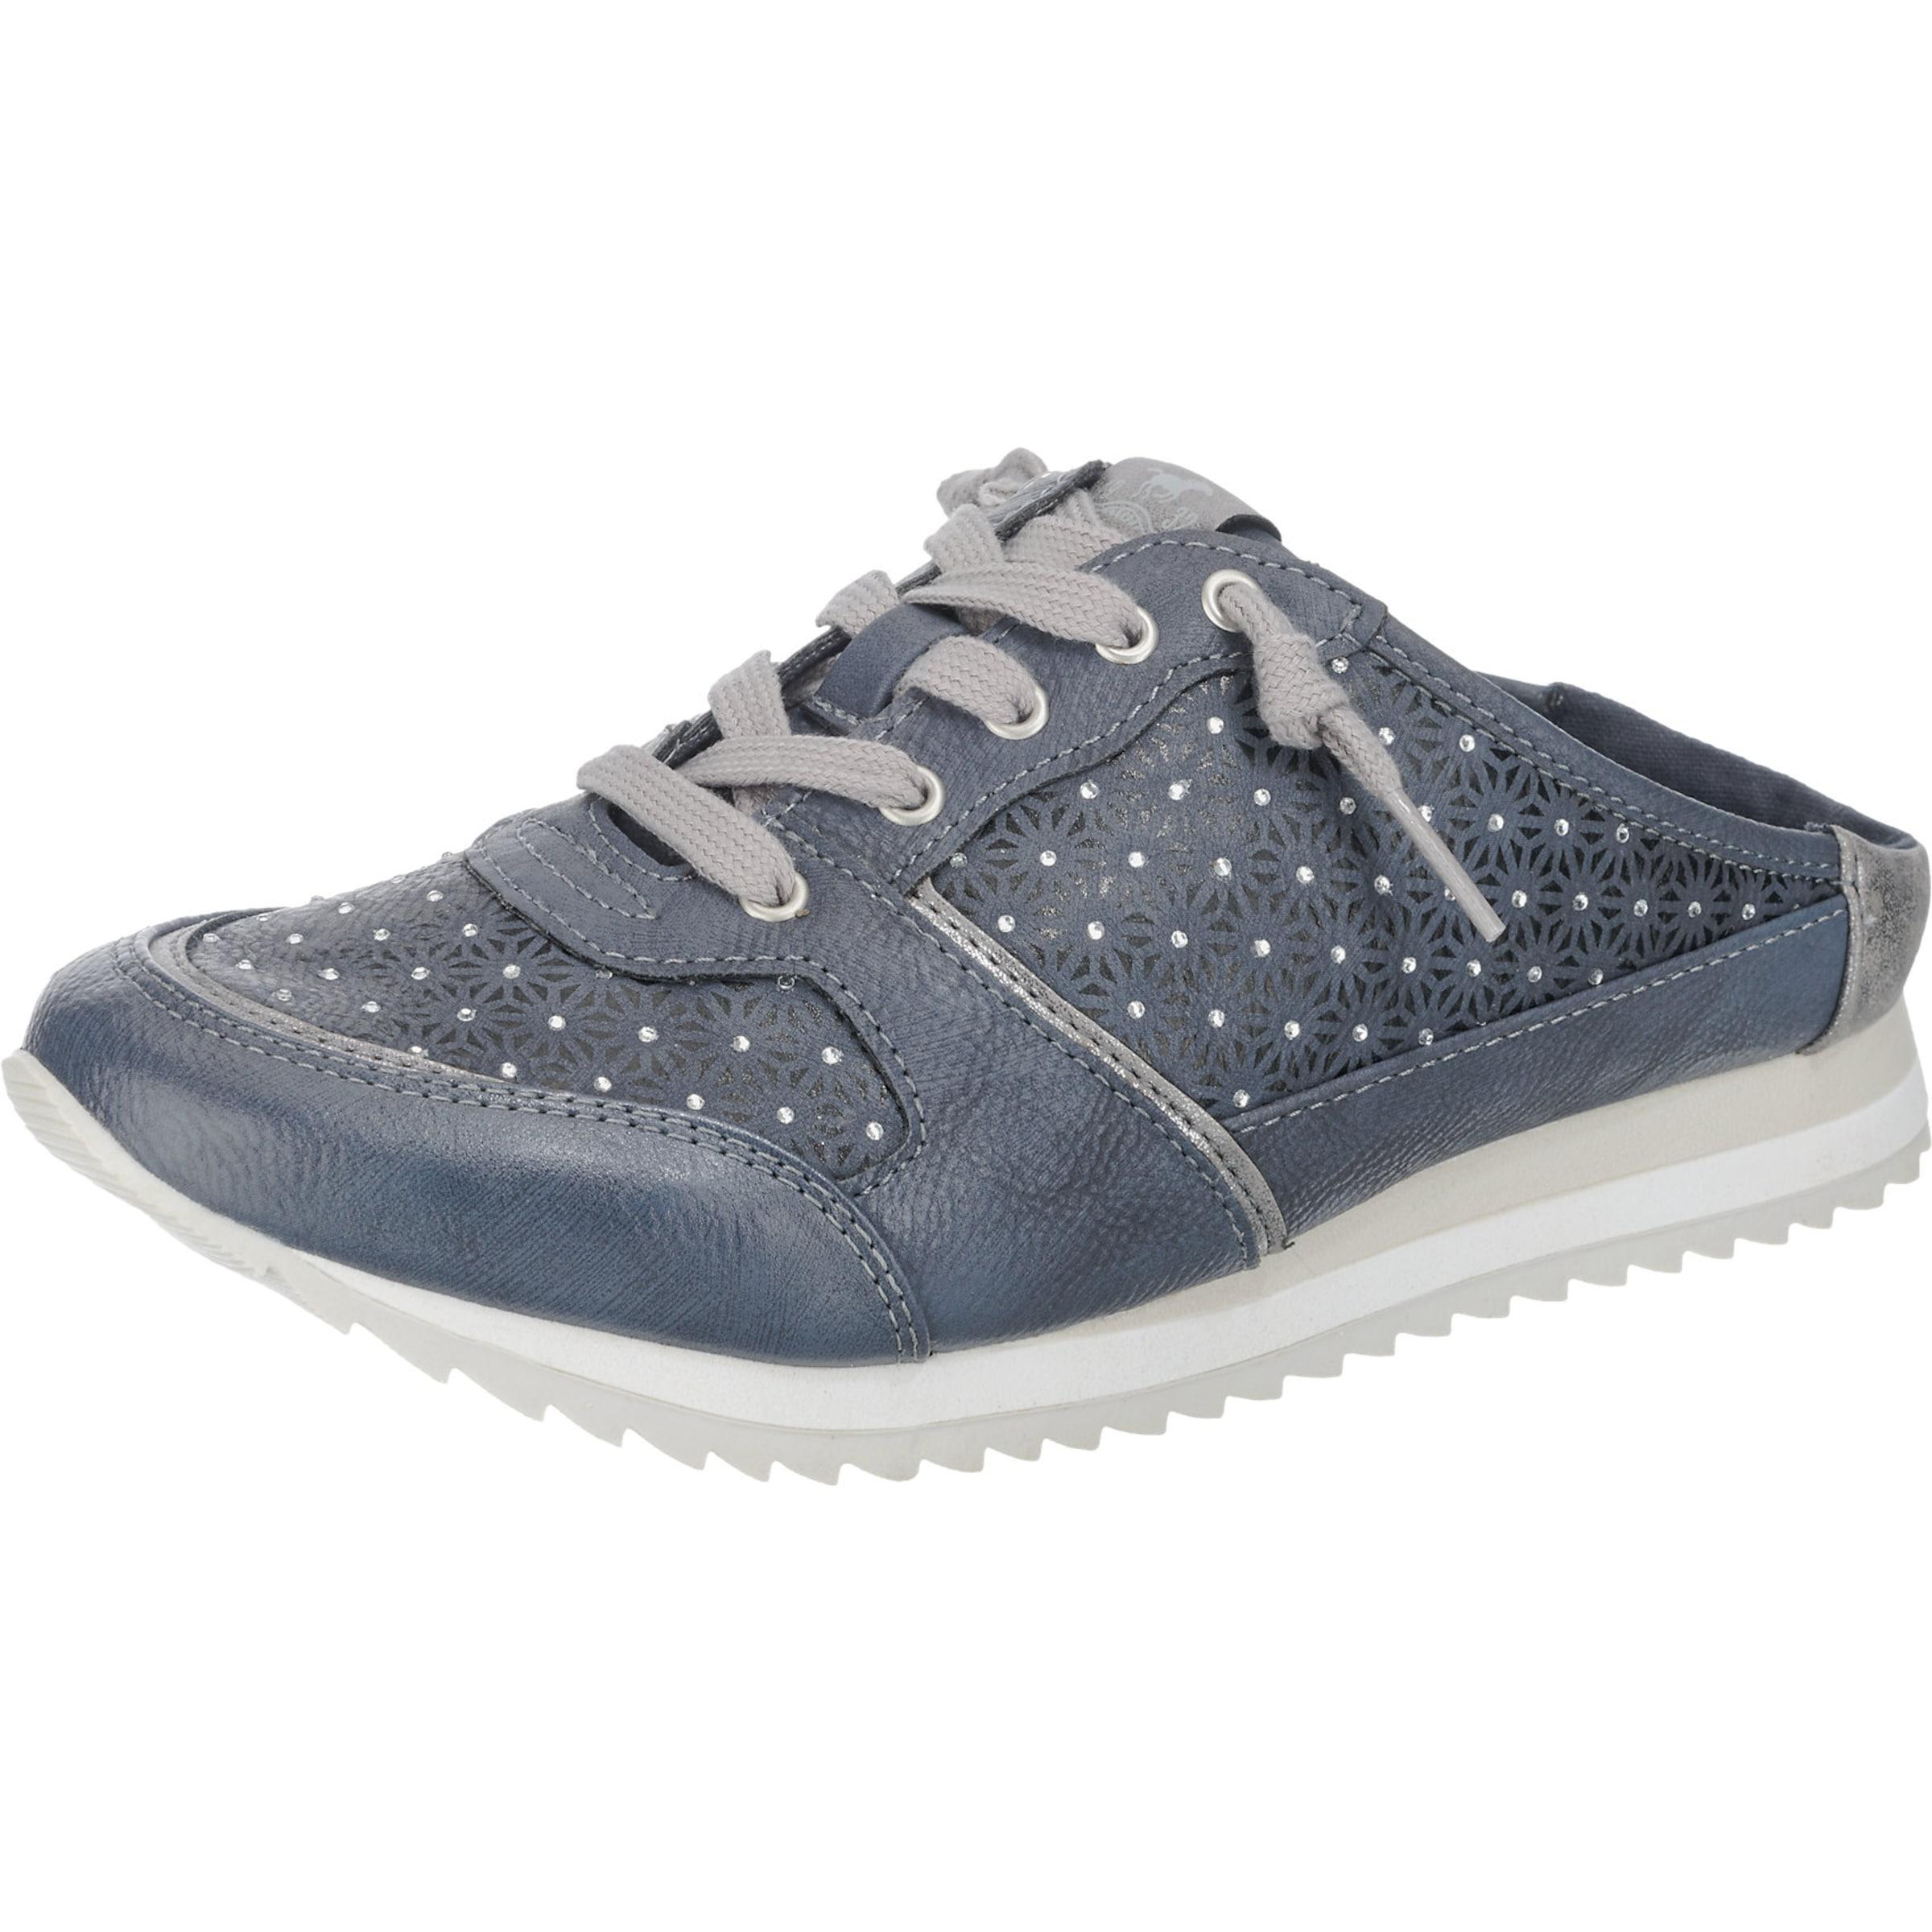 Footlocker Finish Günstiger Preis MUSTANG Shoes Clog Komfortabel Zu Verkaufen Erscheinungsdaten Authentisch RuHCPas